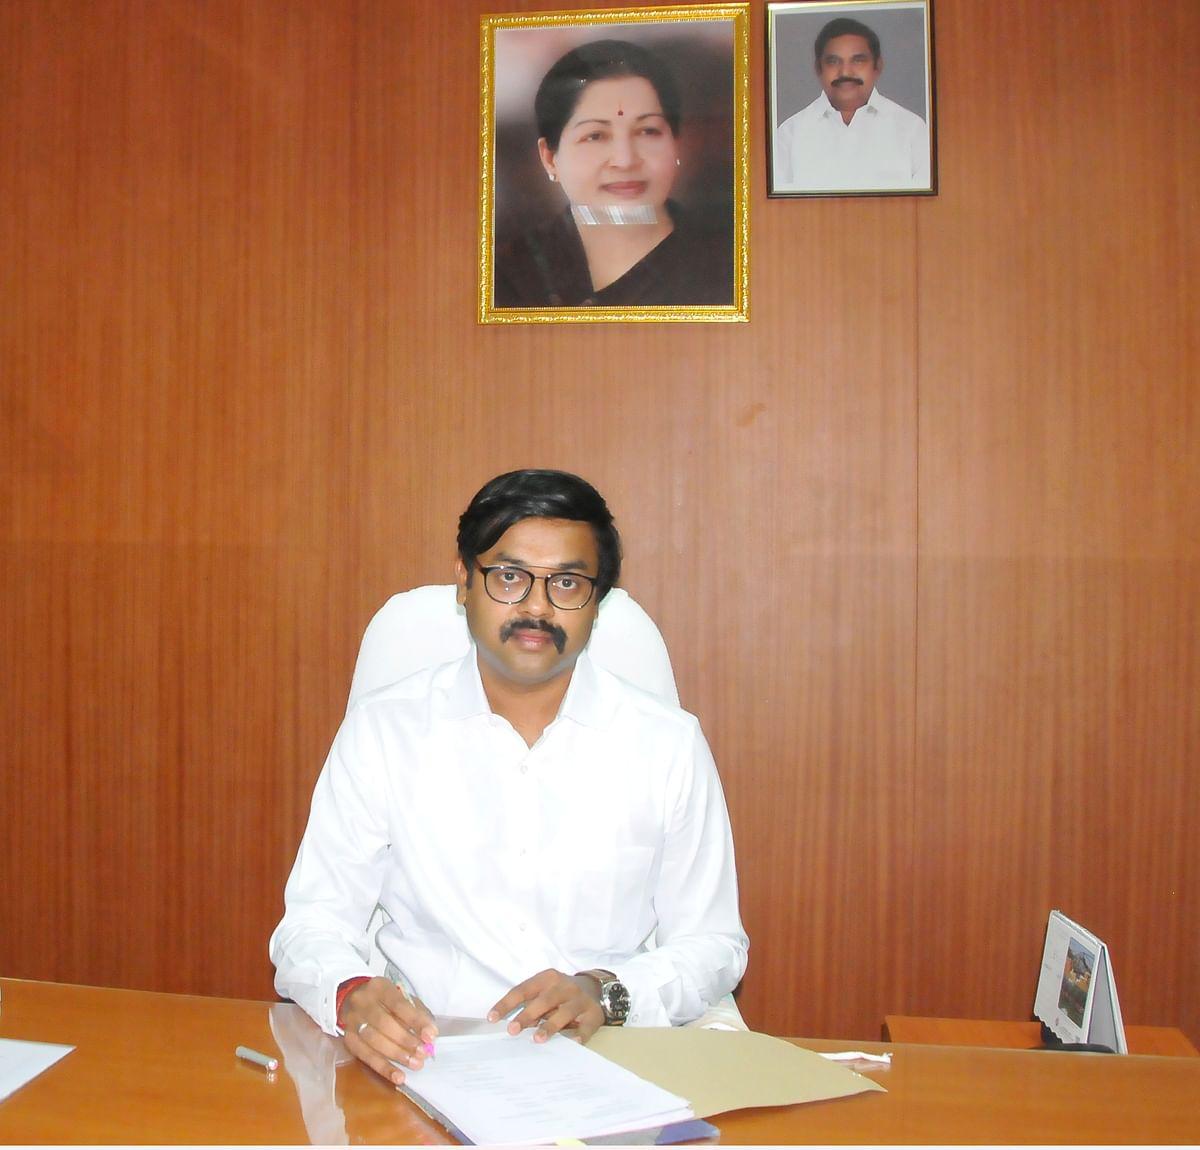 திருப்பூர் மாவட்ட ஆட்சியர் டாக்டர்.க. விஜயகார்த்திகேயன்